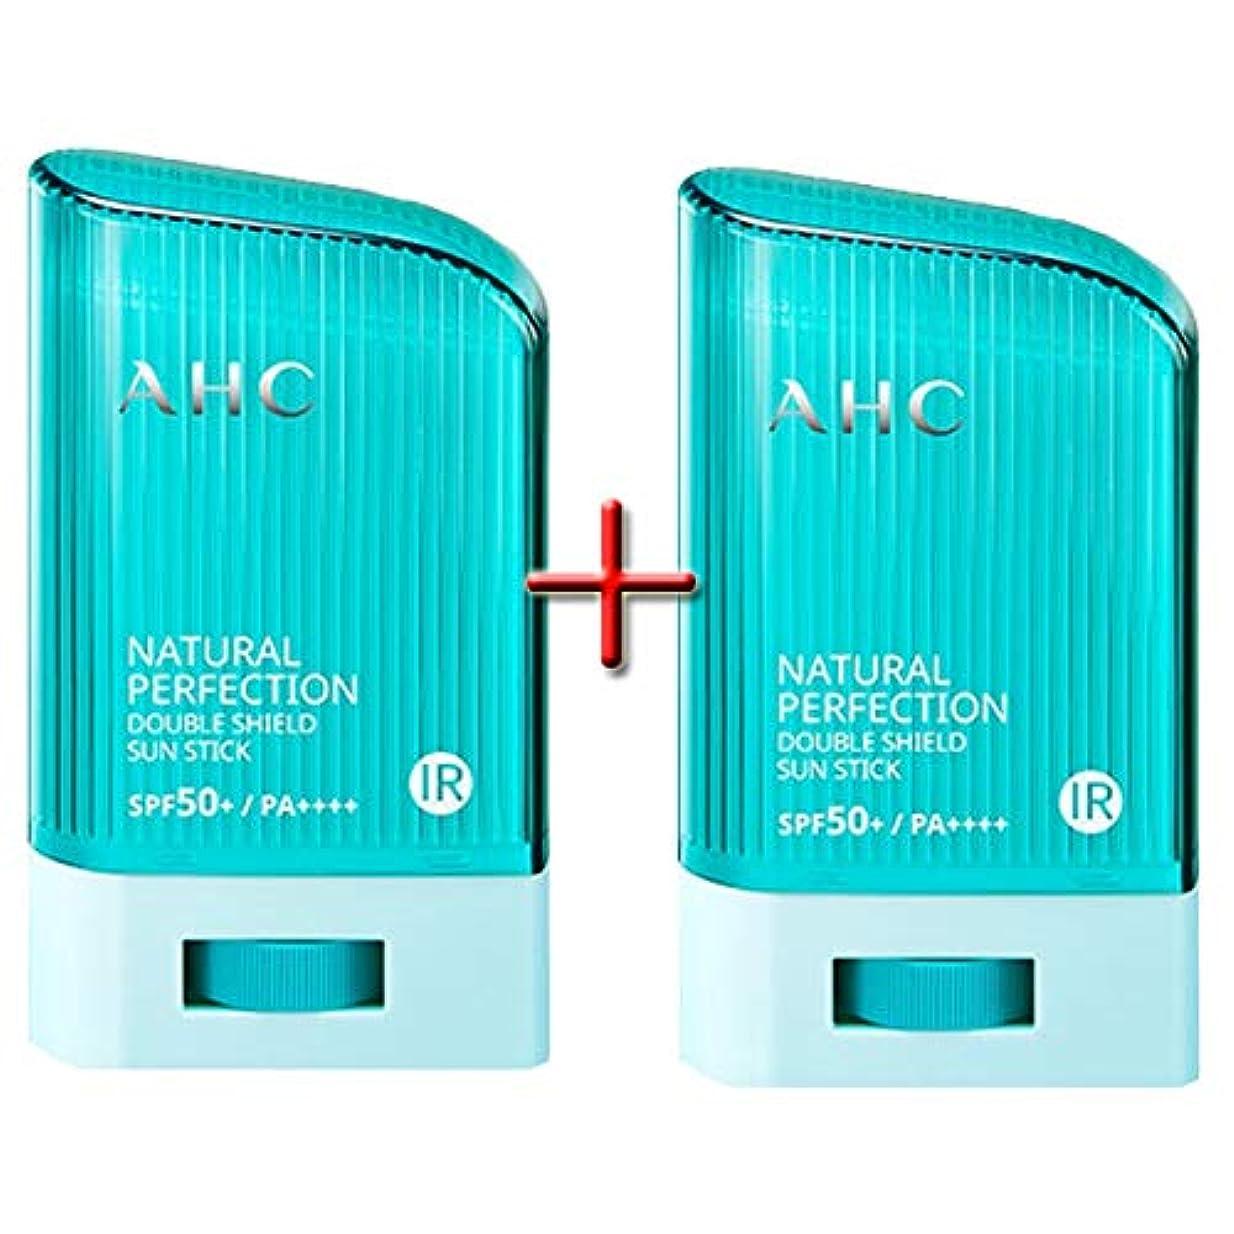 閃光プリーツテーブル[ 1+1 ] AHC ナチュラルパーフェクションダブルシールドサンスティック 22g, Natural Perfection Double Shield Sun Stick SPF50+ PA++++